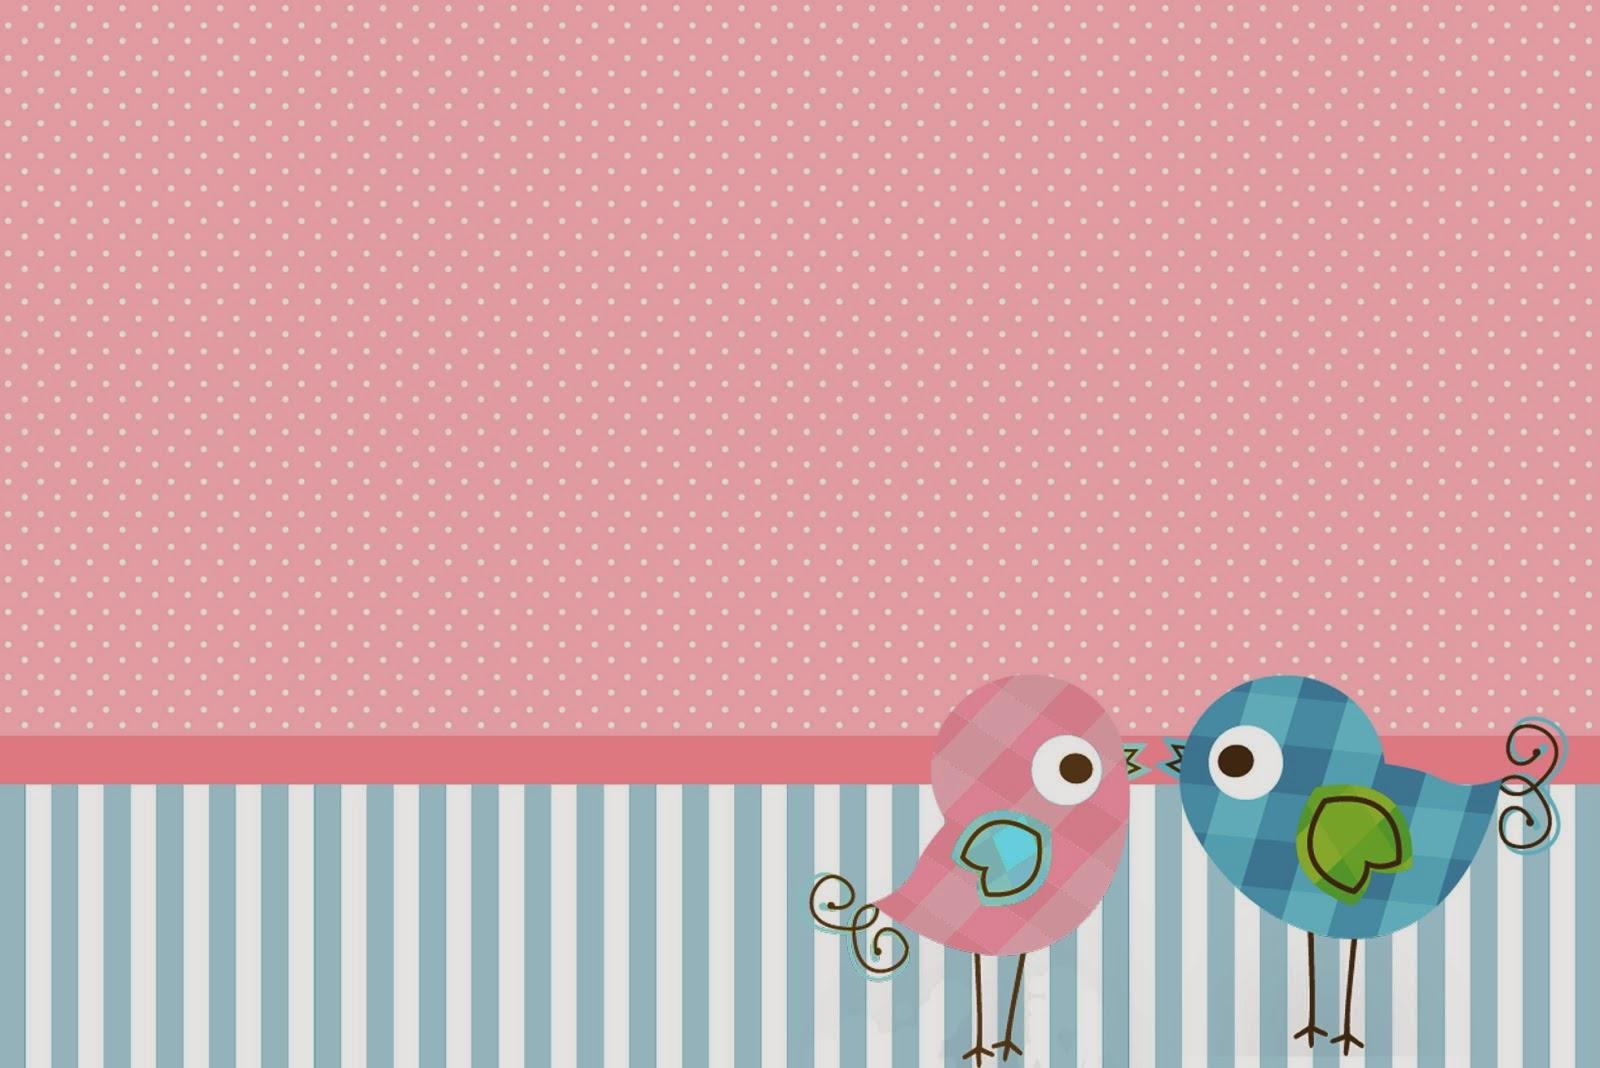 Pareja de Pájaros: Invitaciones para Imprimir Gratis. | Oh My Bodas!